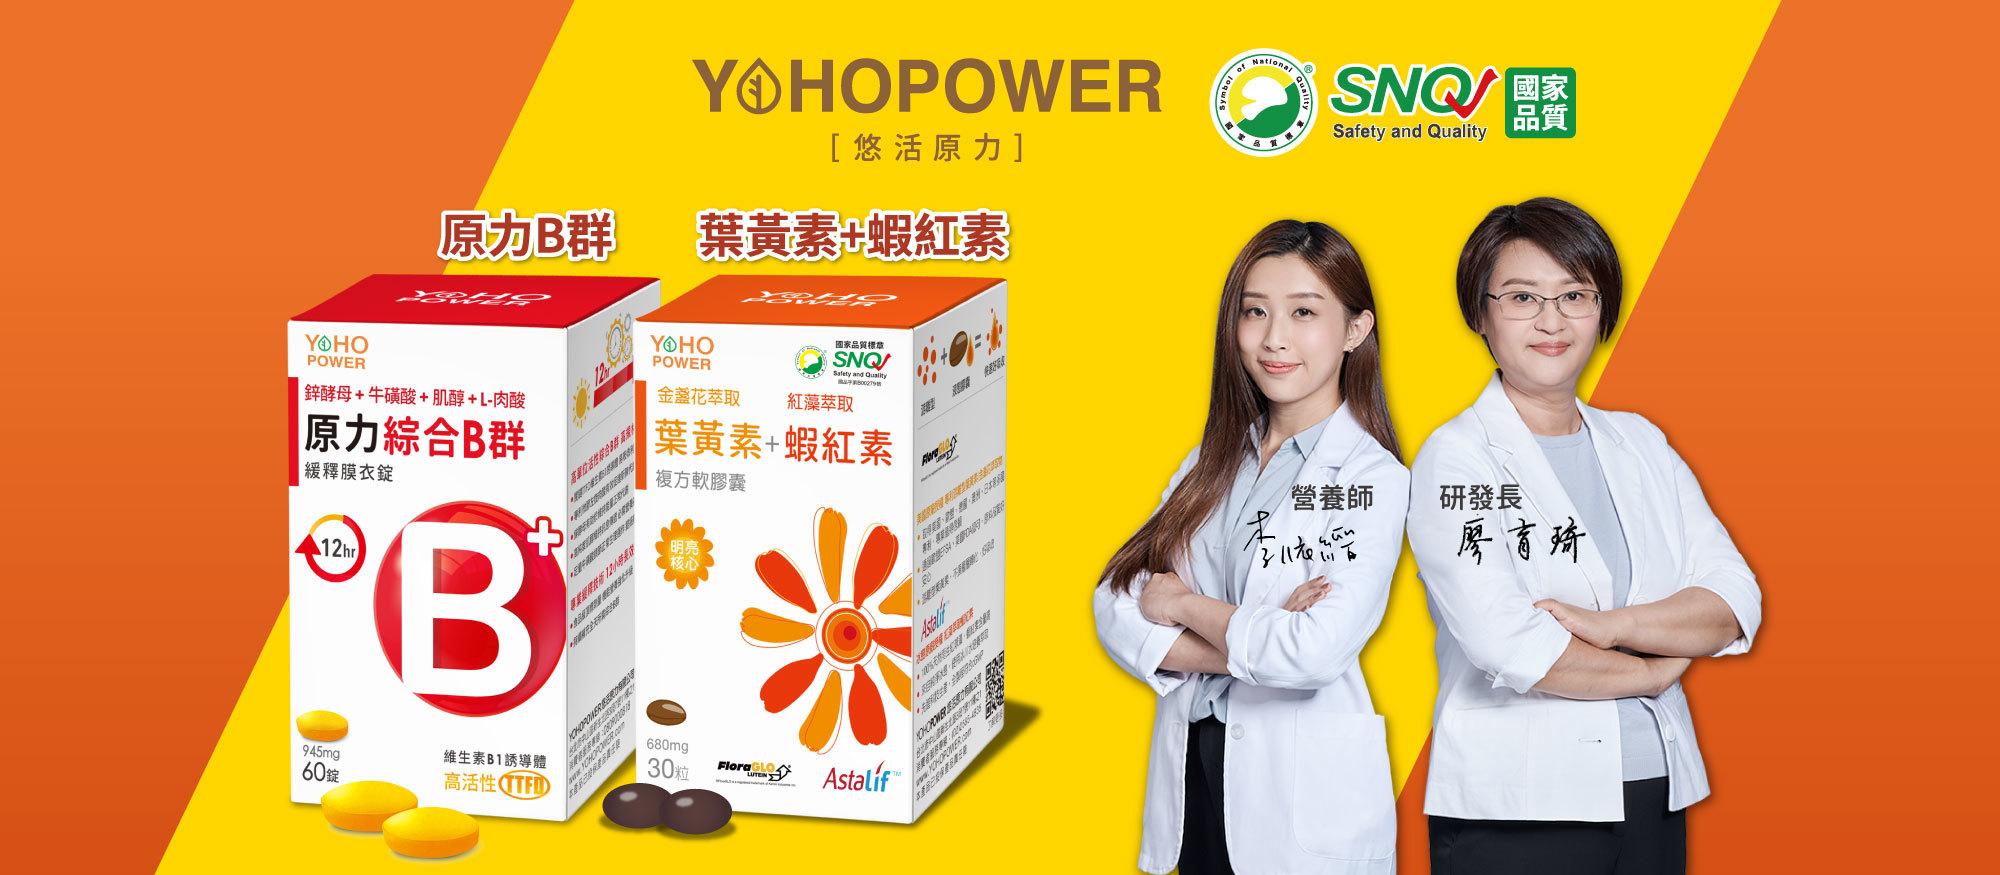 美女營養師力推!悠活原力葉黃素+B群榮獲SNQ國家品質認證